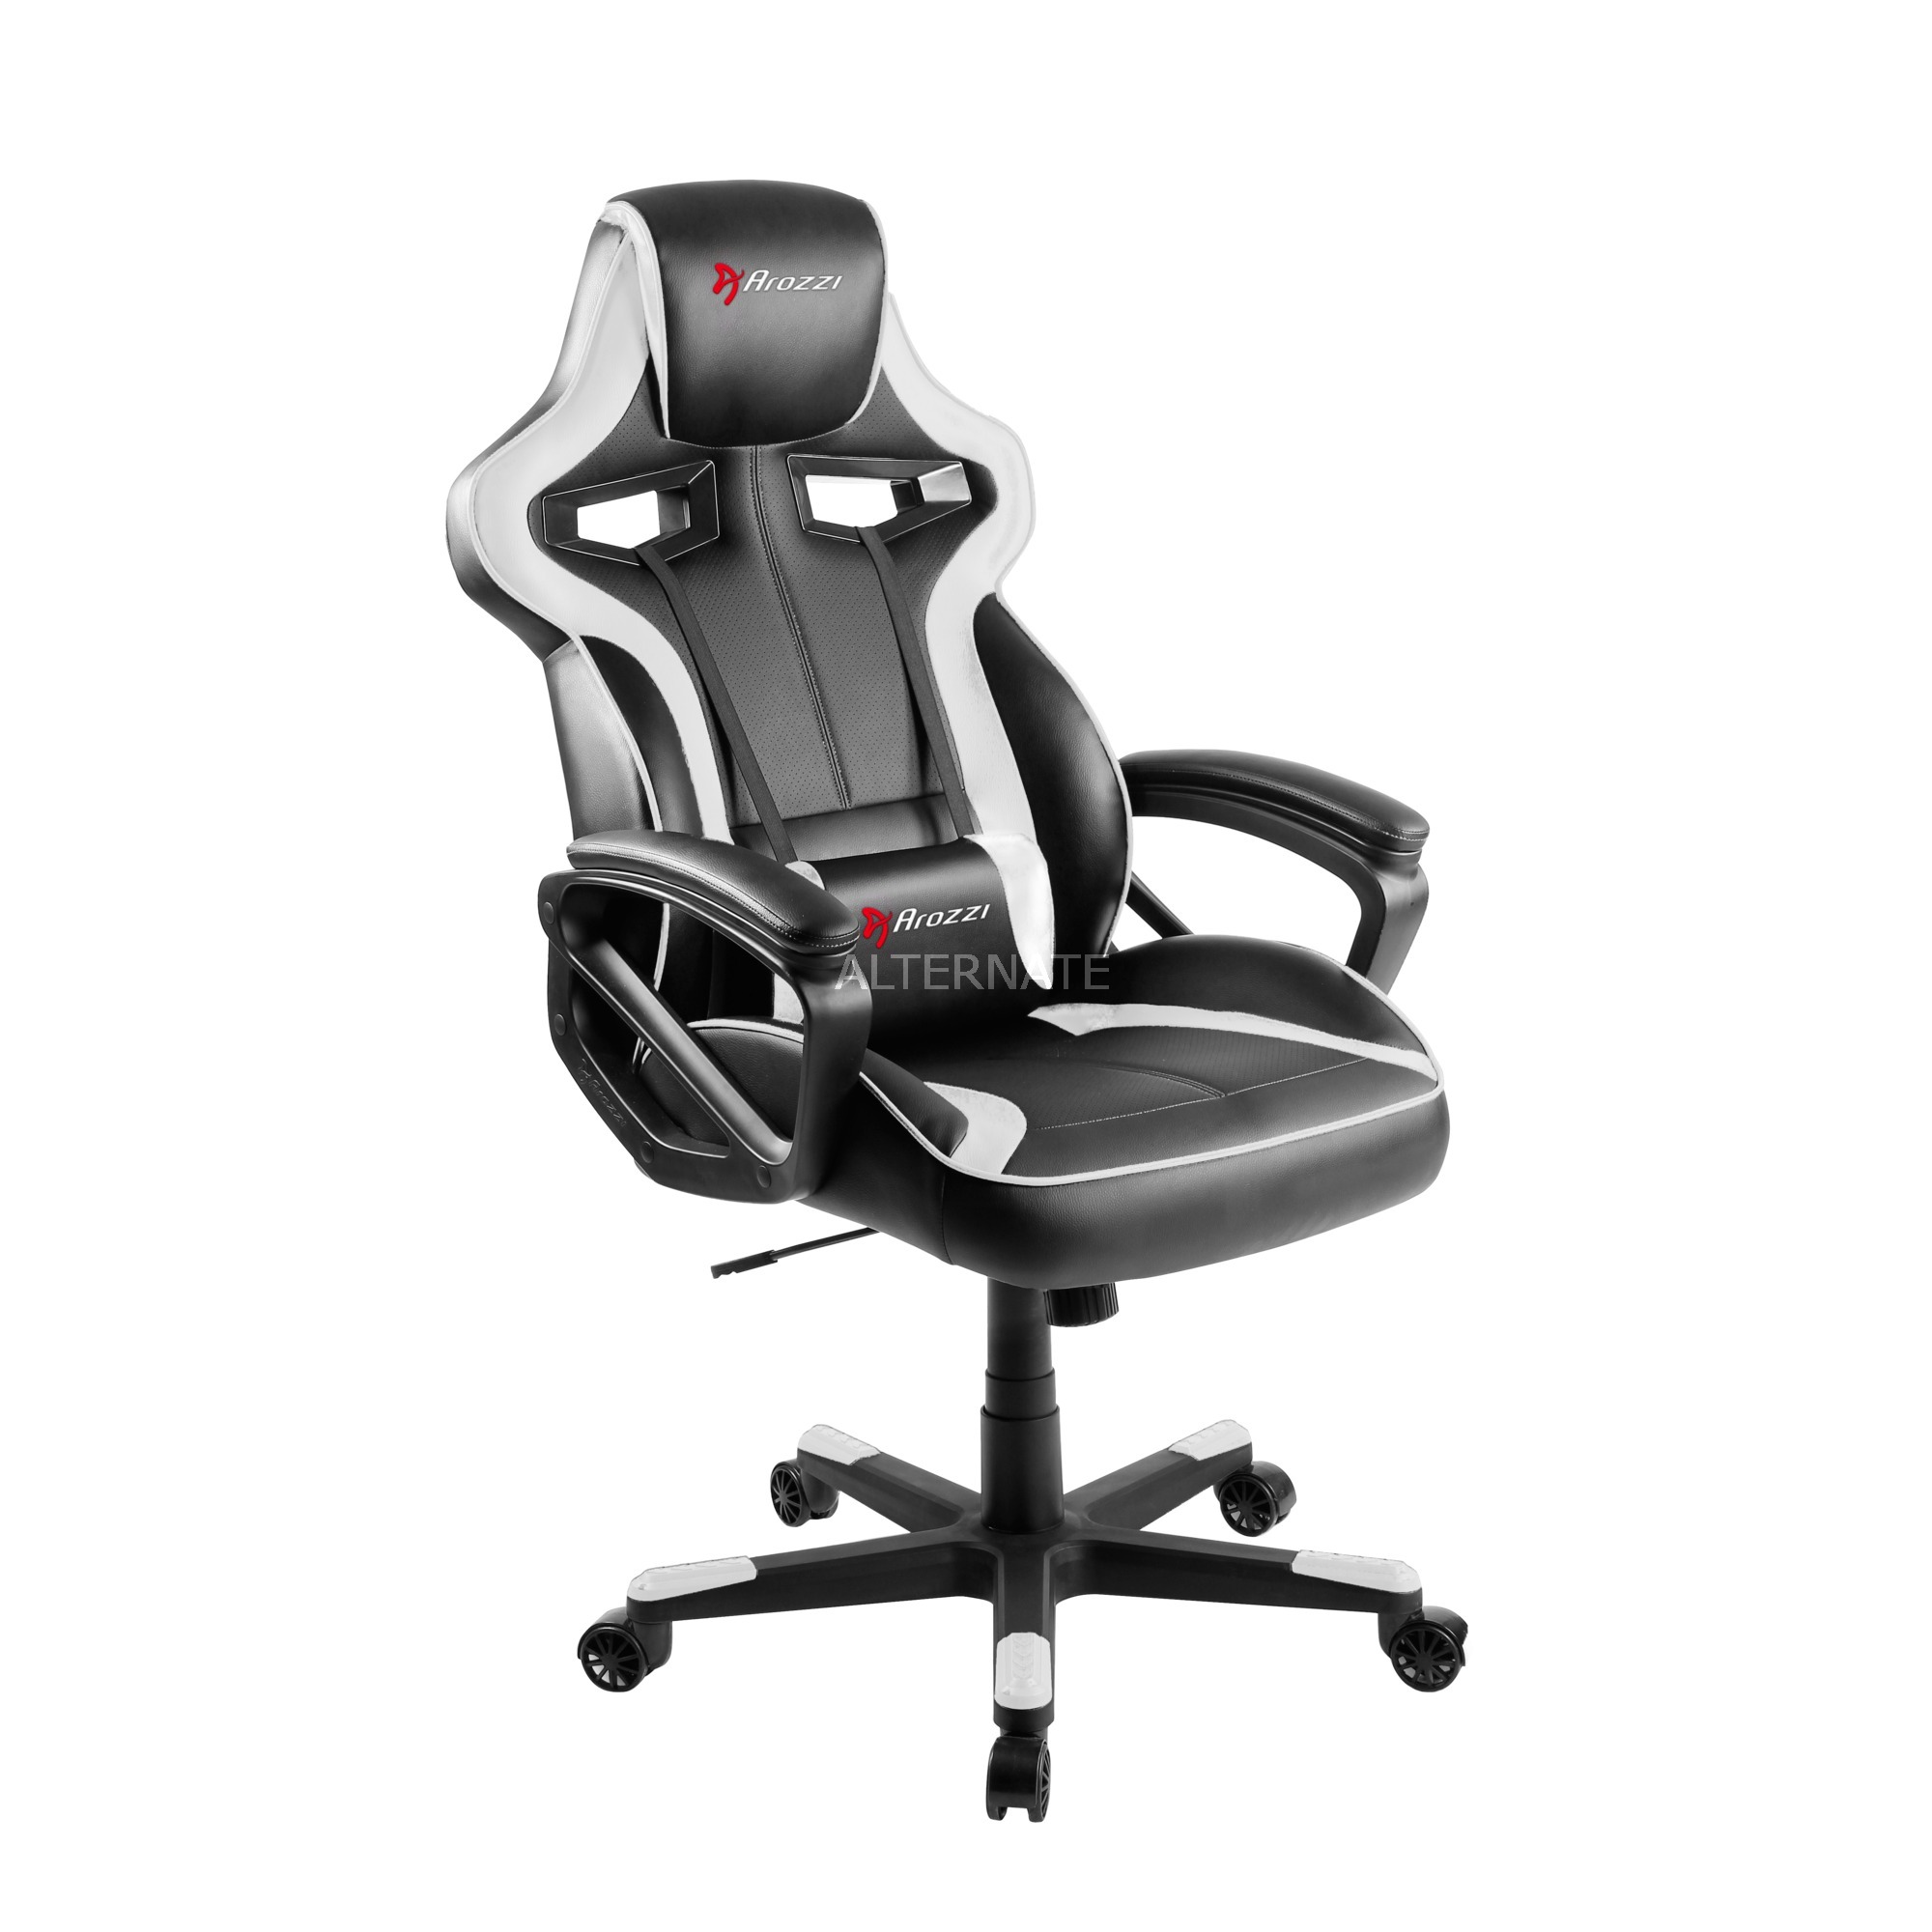 Milano sillas para videojuegos, Asientos de juego